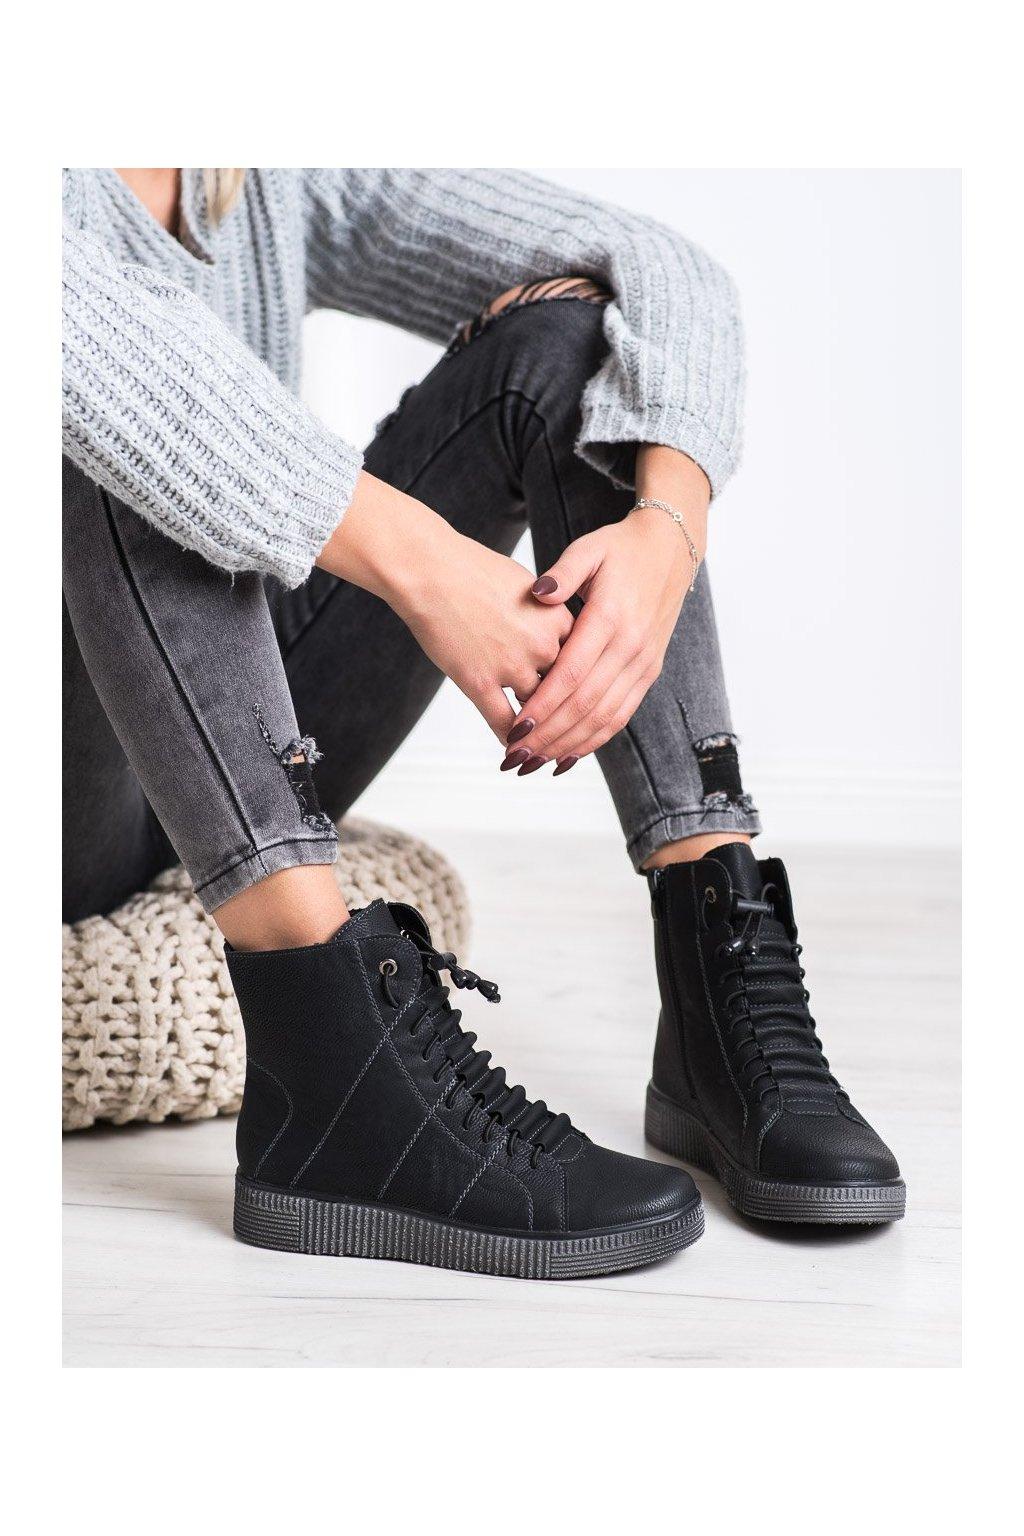 Čierne dámske topánky Shelovet kod 7756A-B